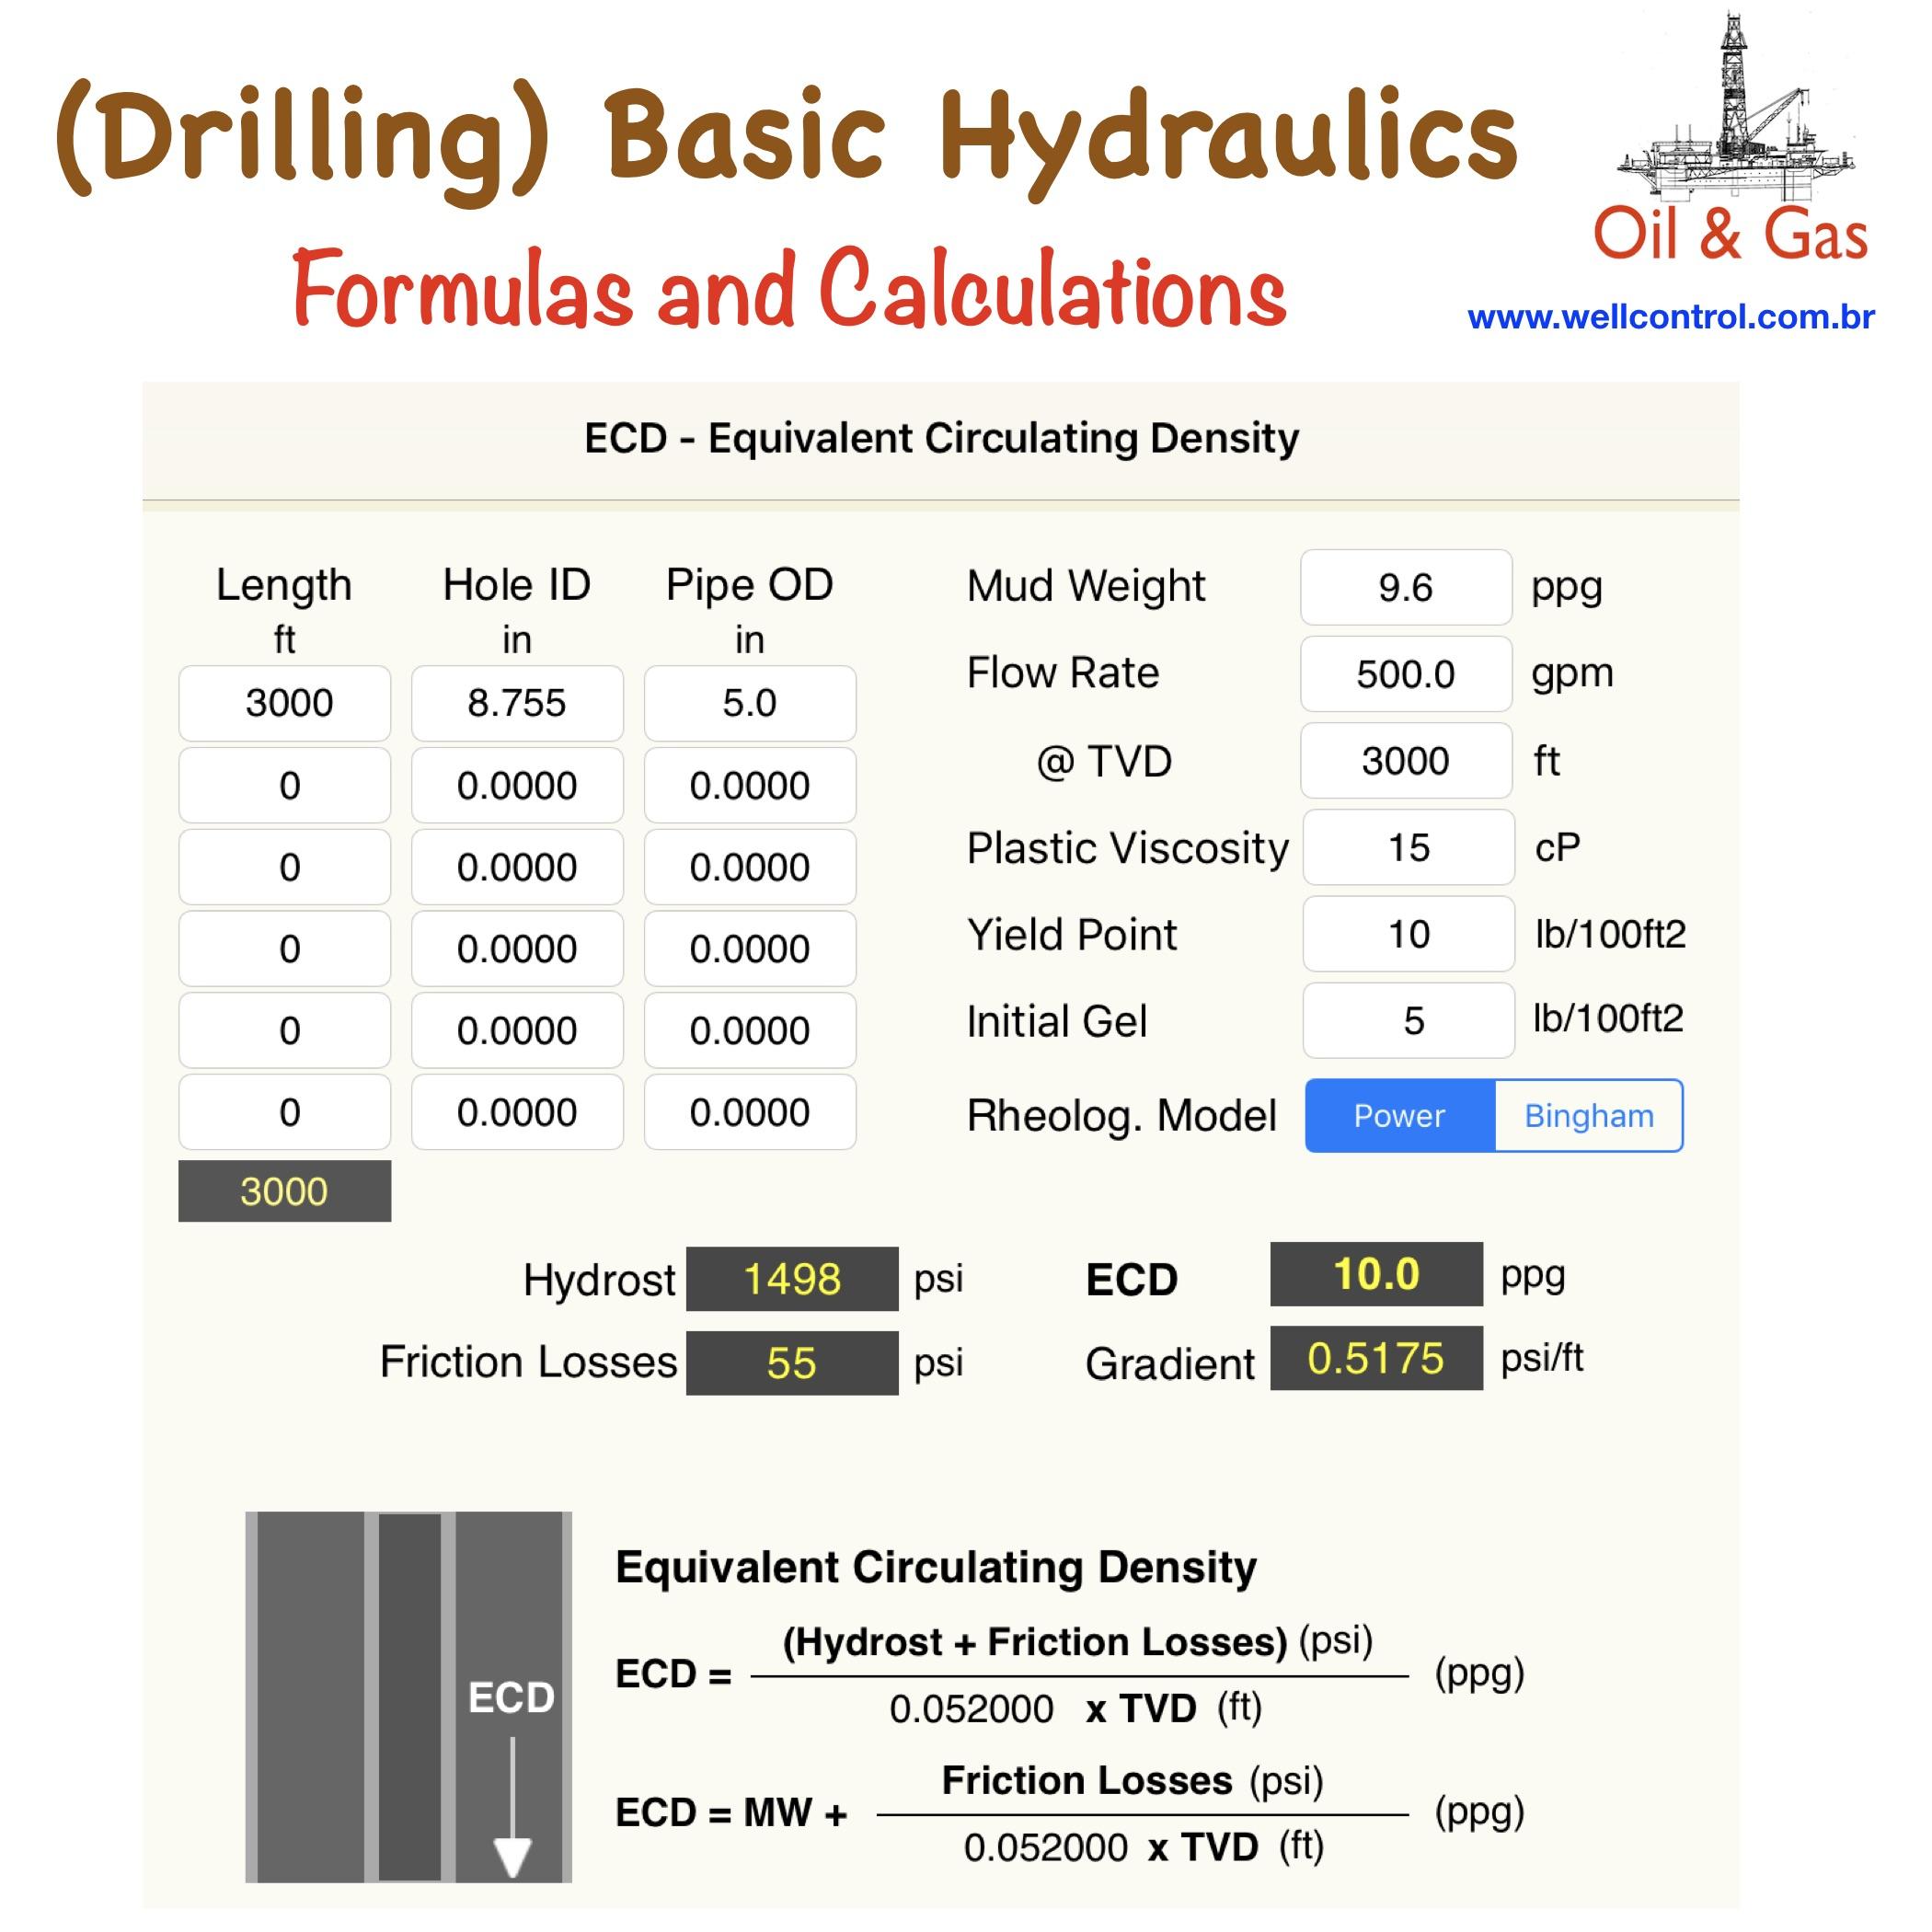 hydraulics_21_08